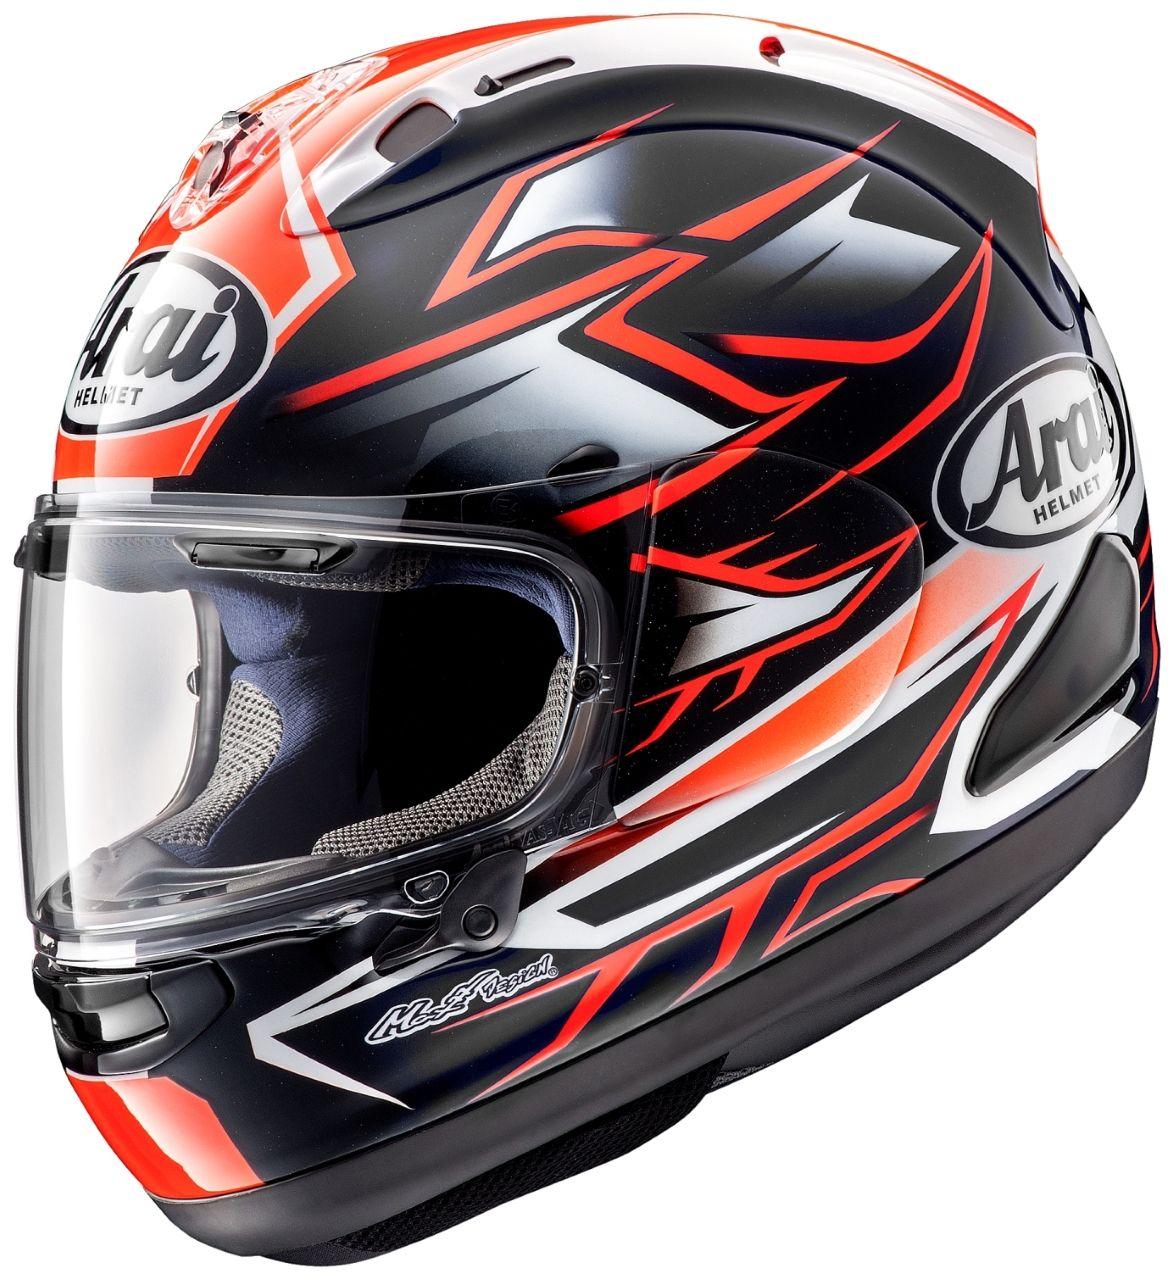 Arai RX-7X GHOST Helmet